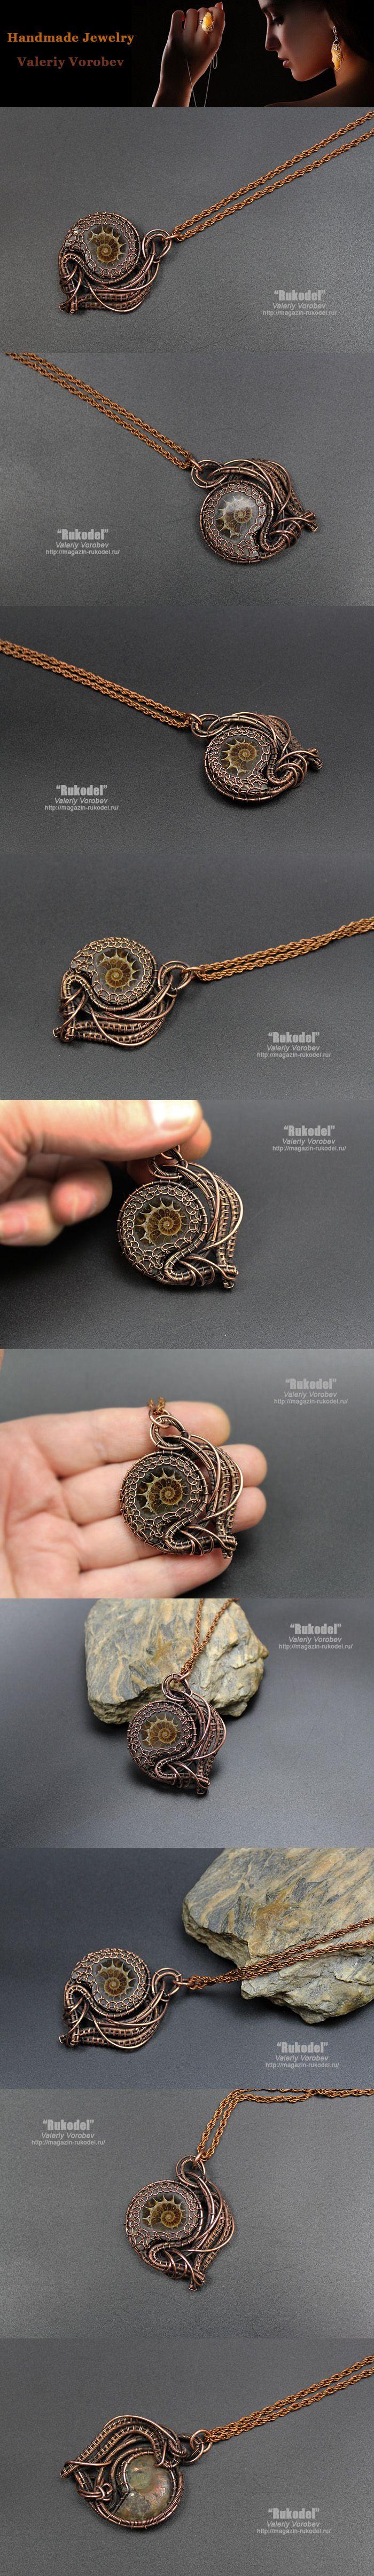 wire art jewelry tutorial